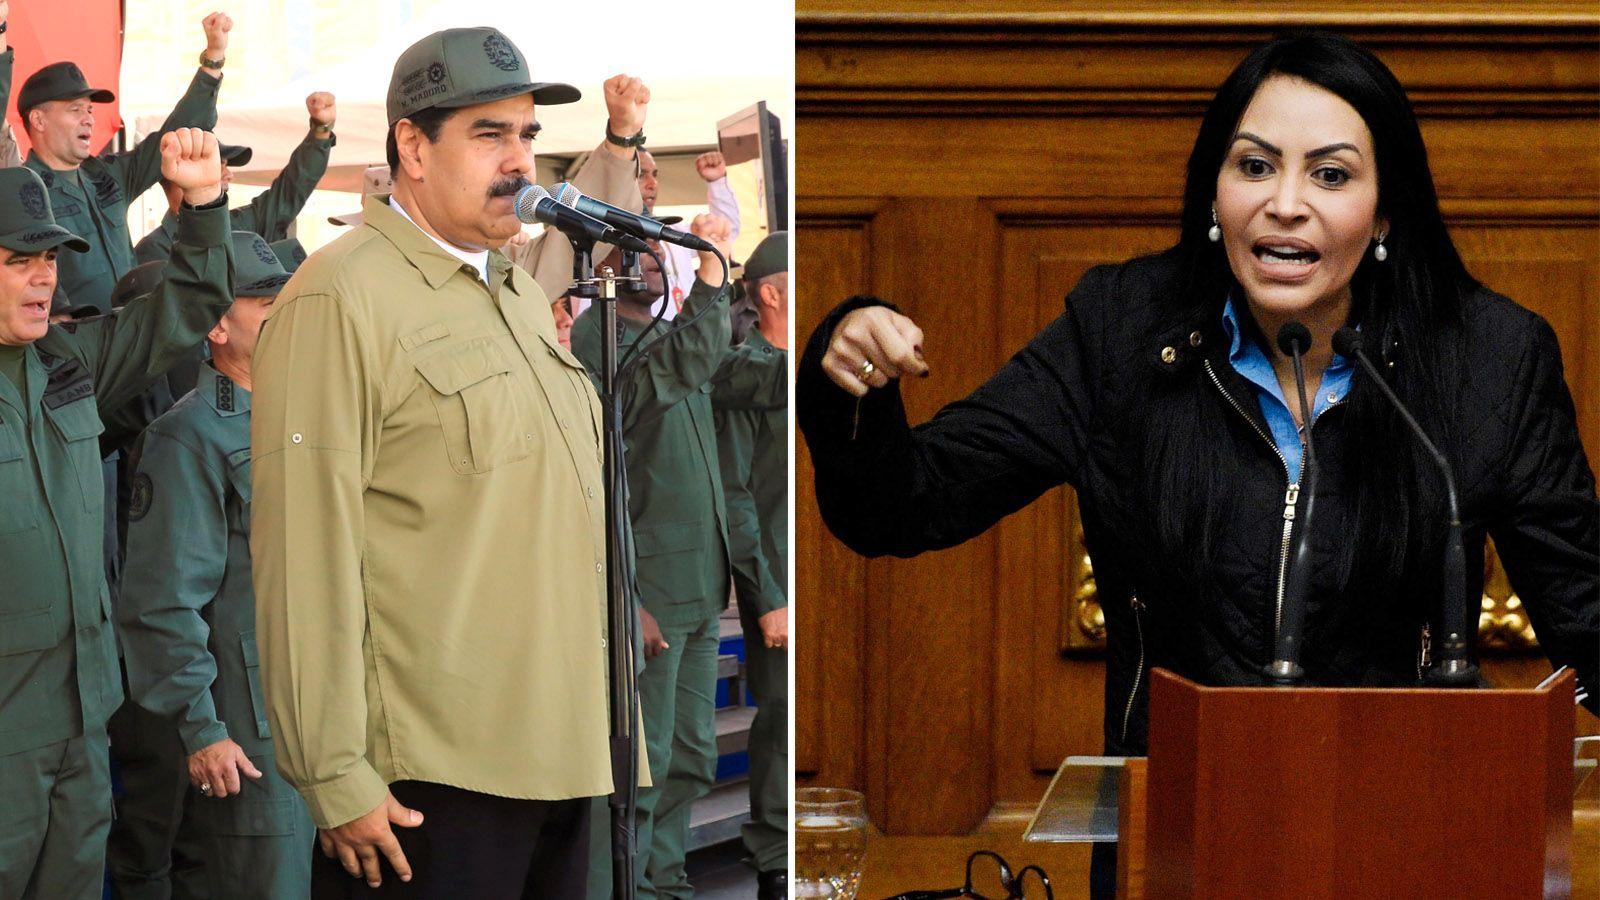 NY PERIODE: Nicolás Maduro (t .v) tar fatt på en ny presidentperiode i kriserammede Venezuela fra 2019 til 2025, fra og med torsdag. Valget ble ikke anerkjent av store deler av verdenssamfunnet, og nå ber opposisjonspolitikeren Delsa Solorzano, via VG, om hjelp fra verden.